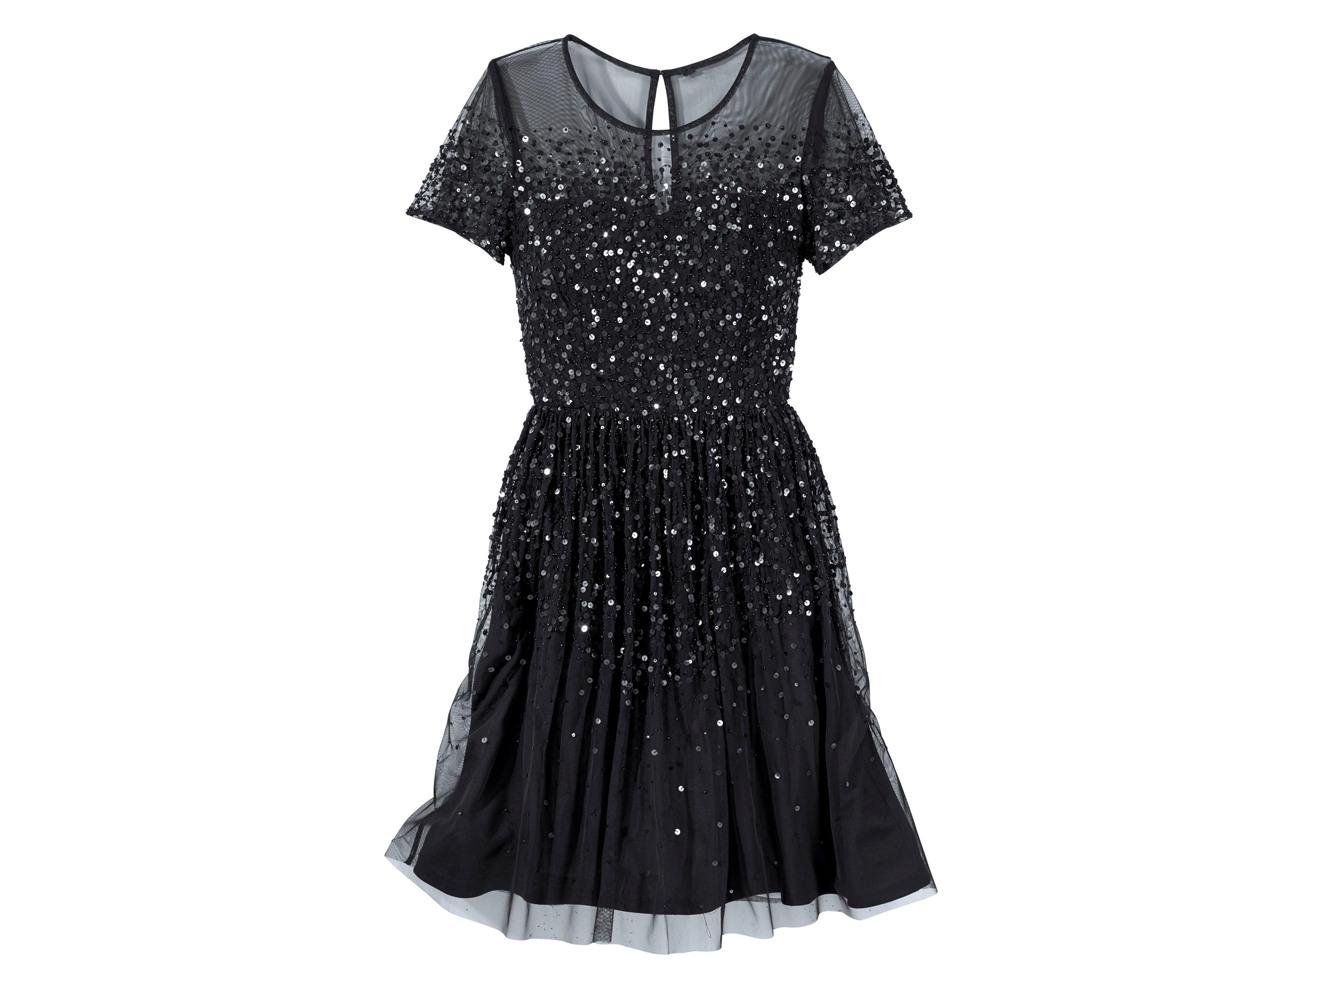 20 Cool Silvester Kleider Kurz Spezialgebiet13 Elegant Silvester Kleider Kurz Spezialgebiet